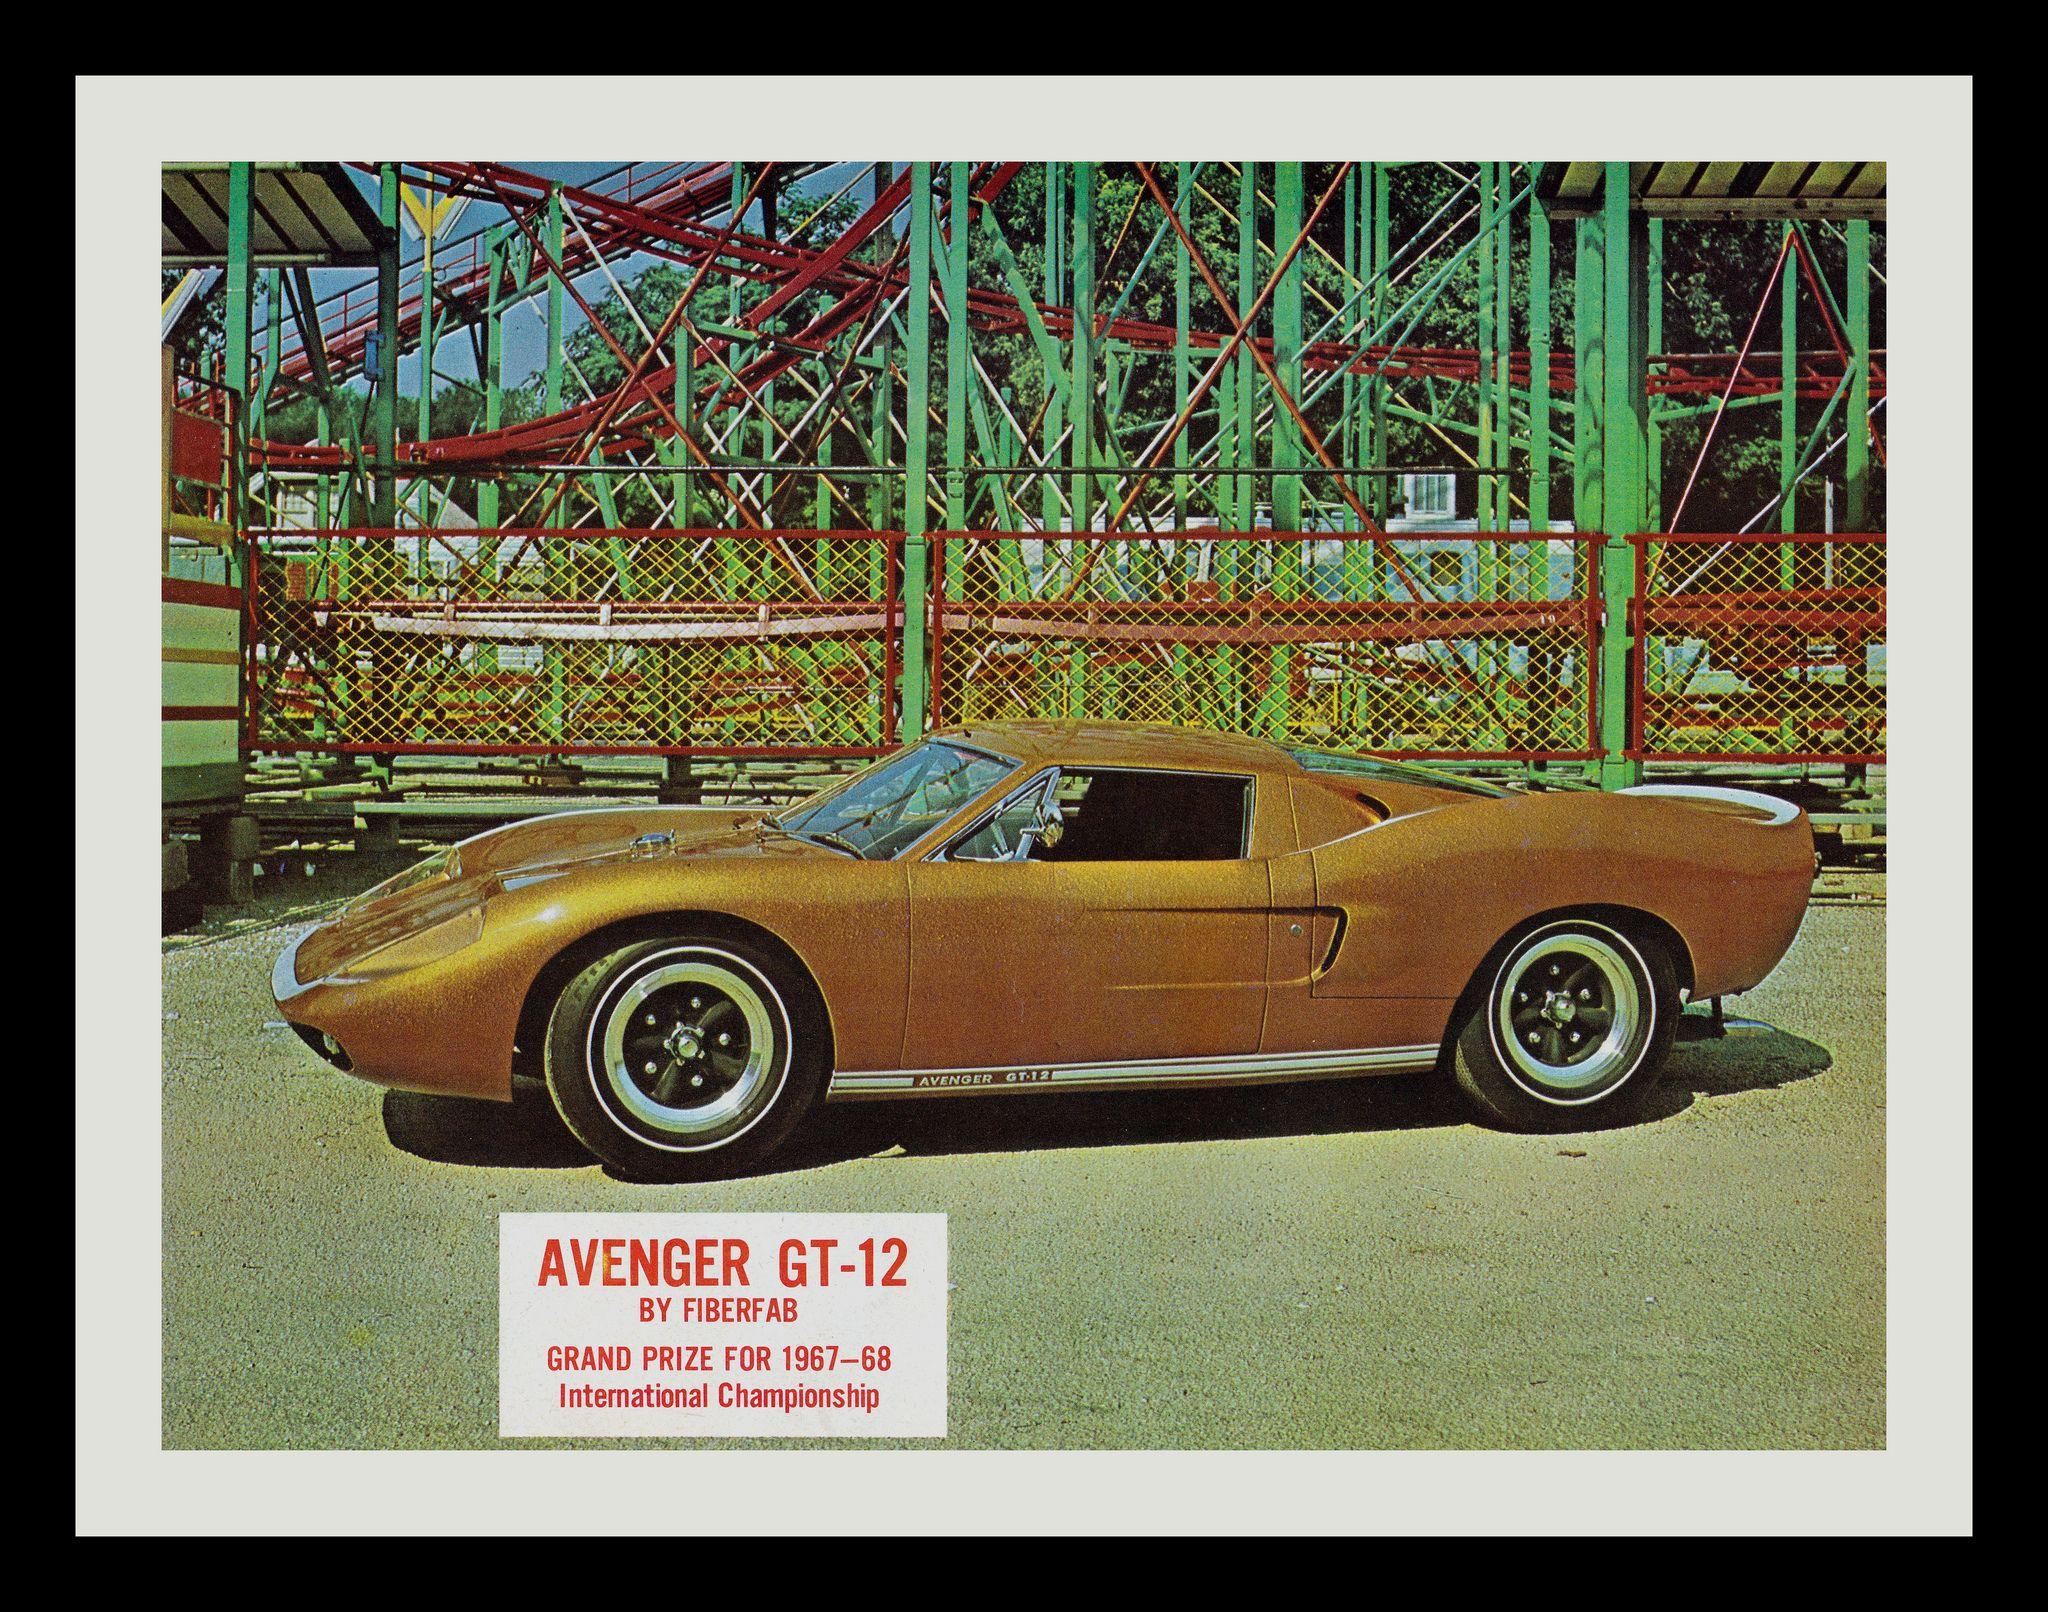 https://flic.kr/p/bAwngd | Avenger GT-12, 1967